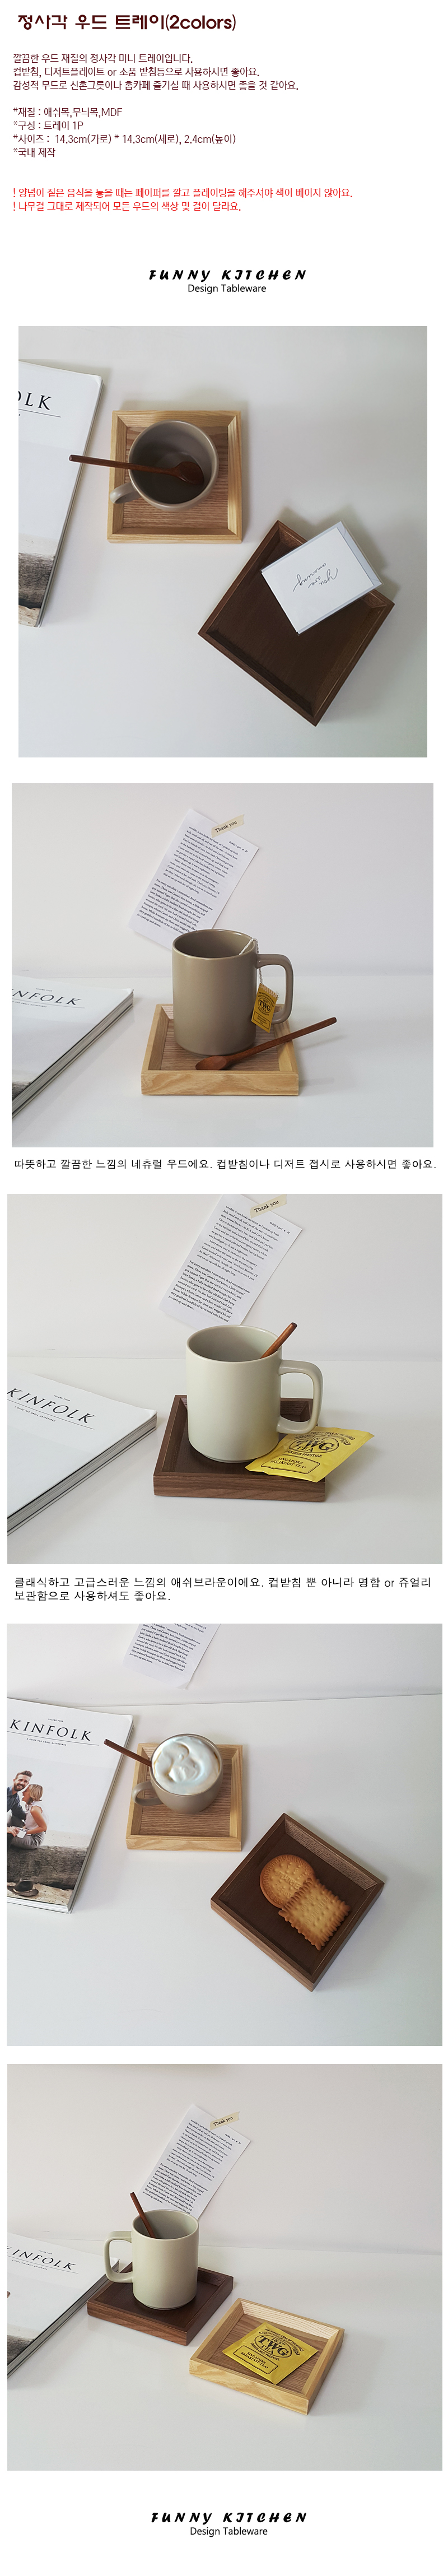 정사각 우드 컵받침 트레이 - 퍼니키친, 8,500원, 컵받침/뚜껑/홀더, 컵받침